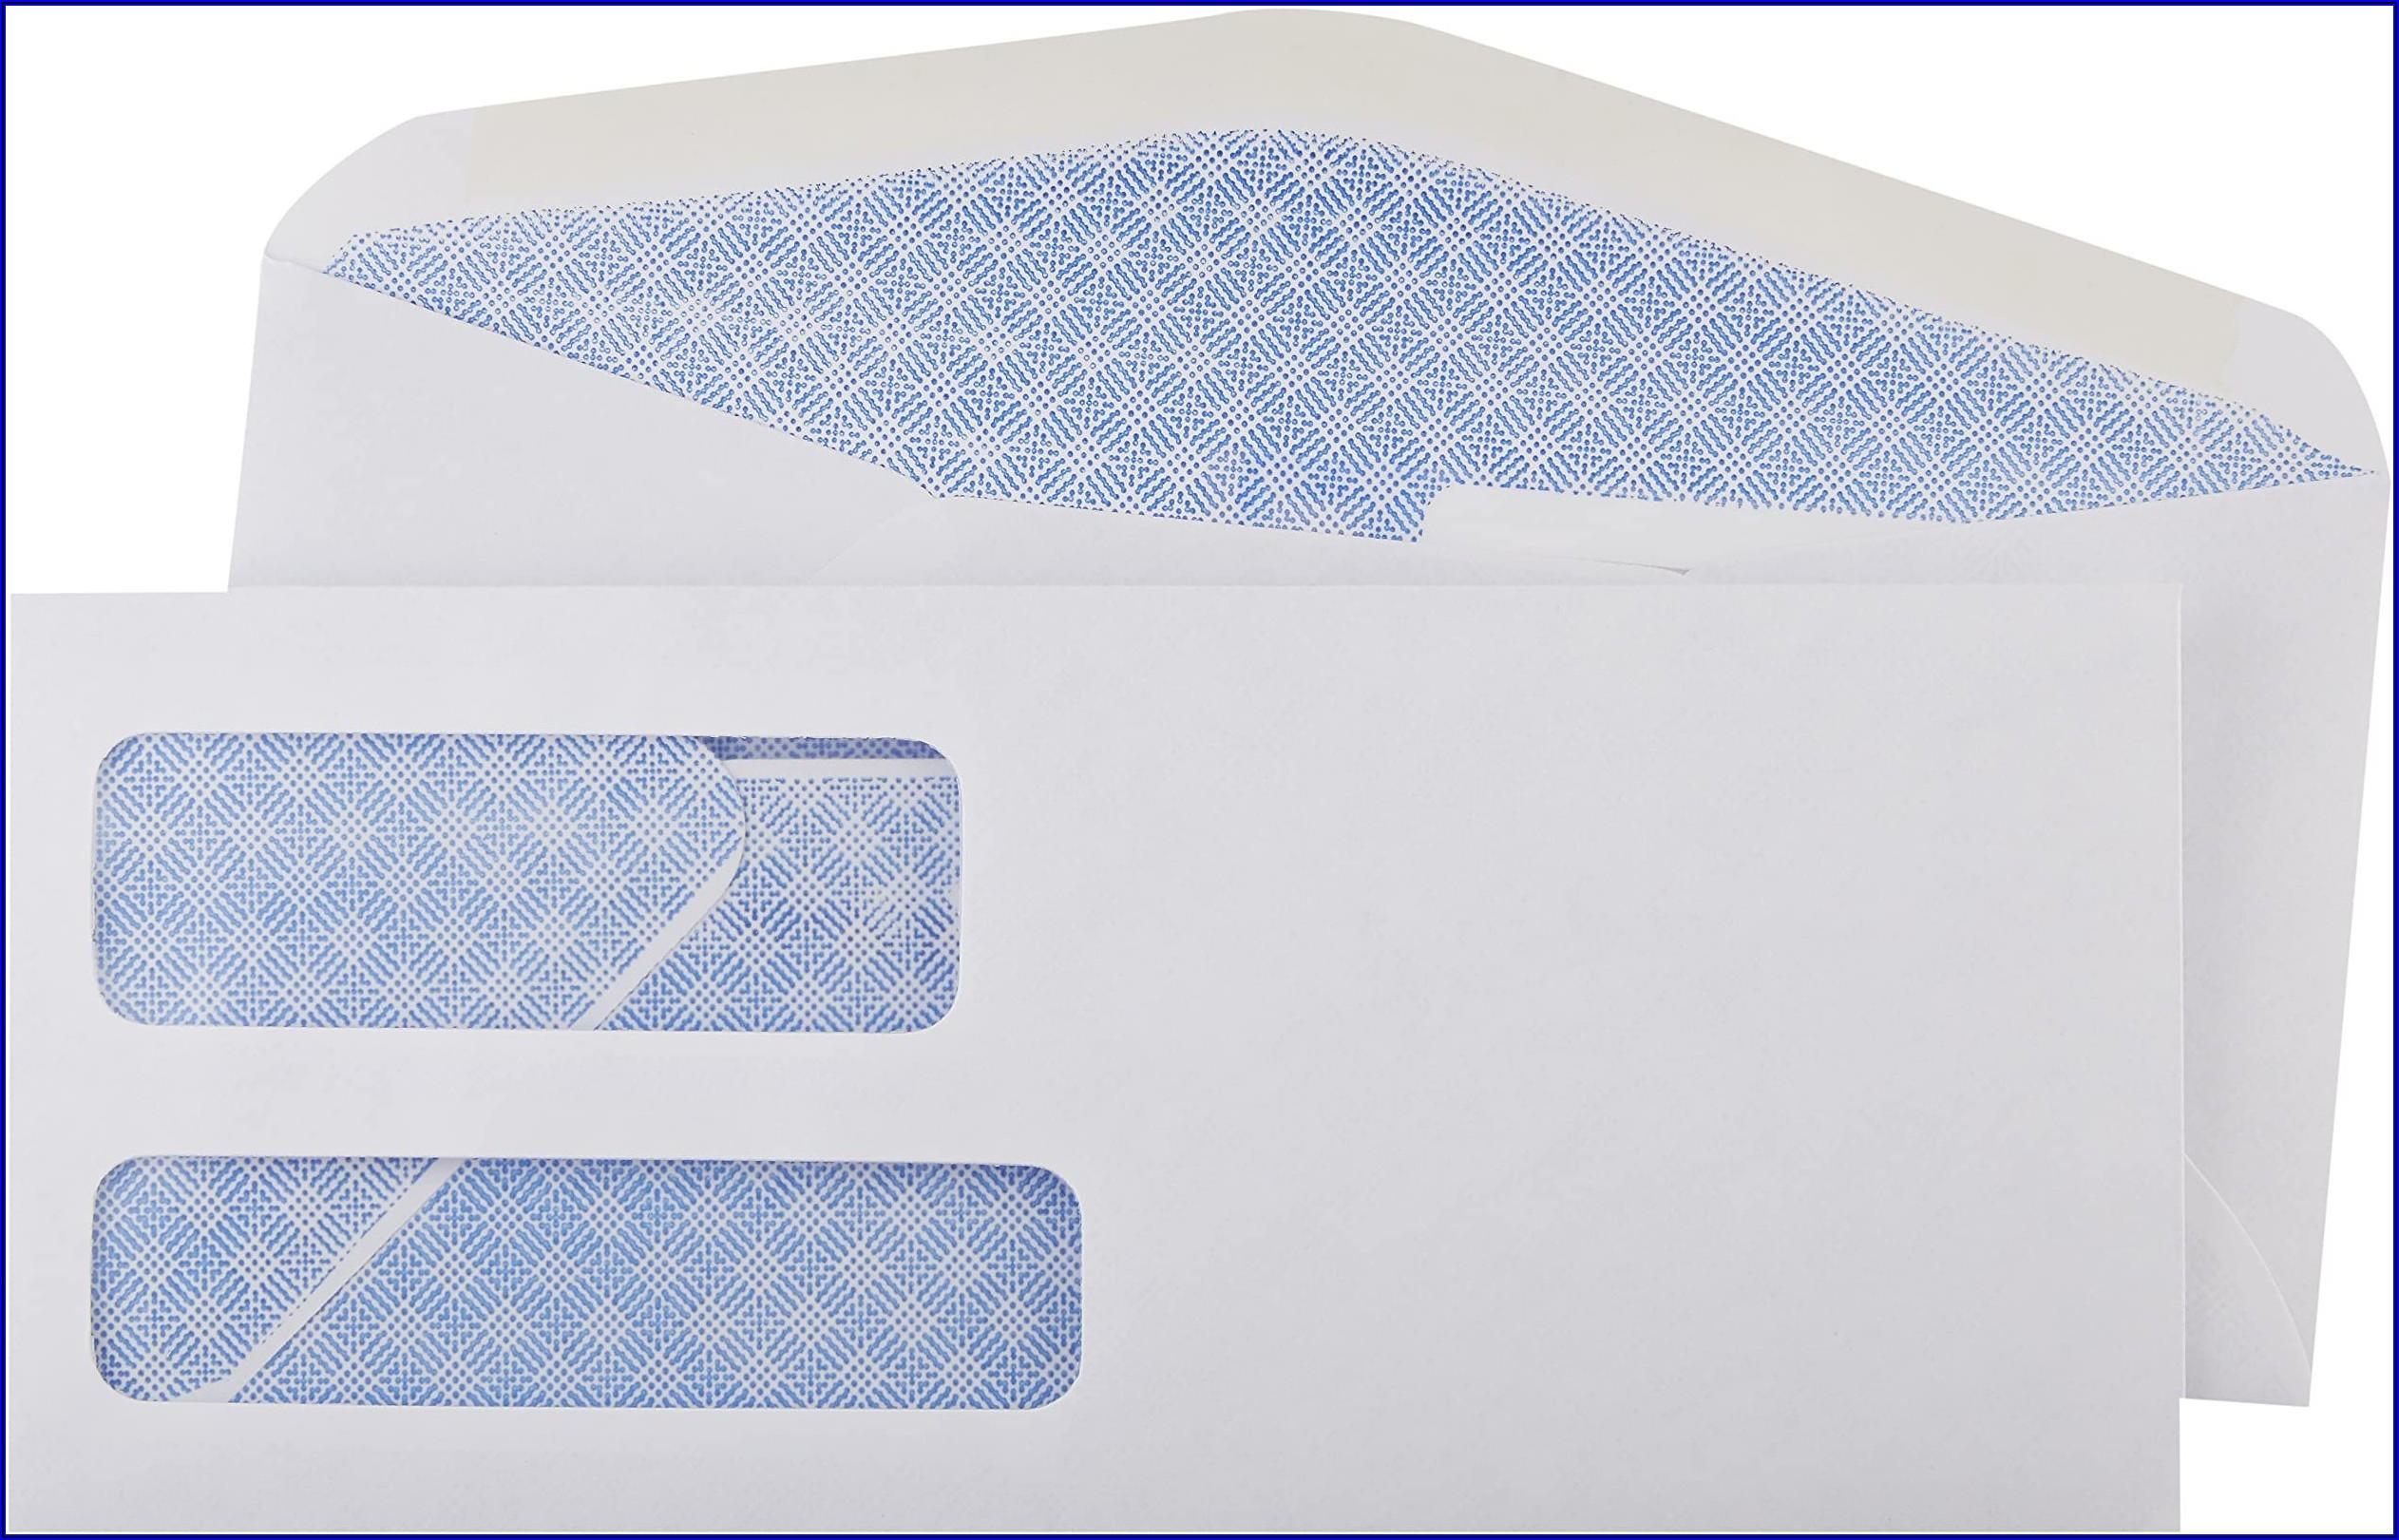 10 X 13 Double Window Envelopes